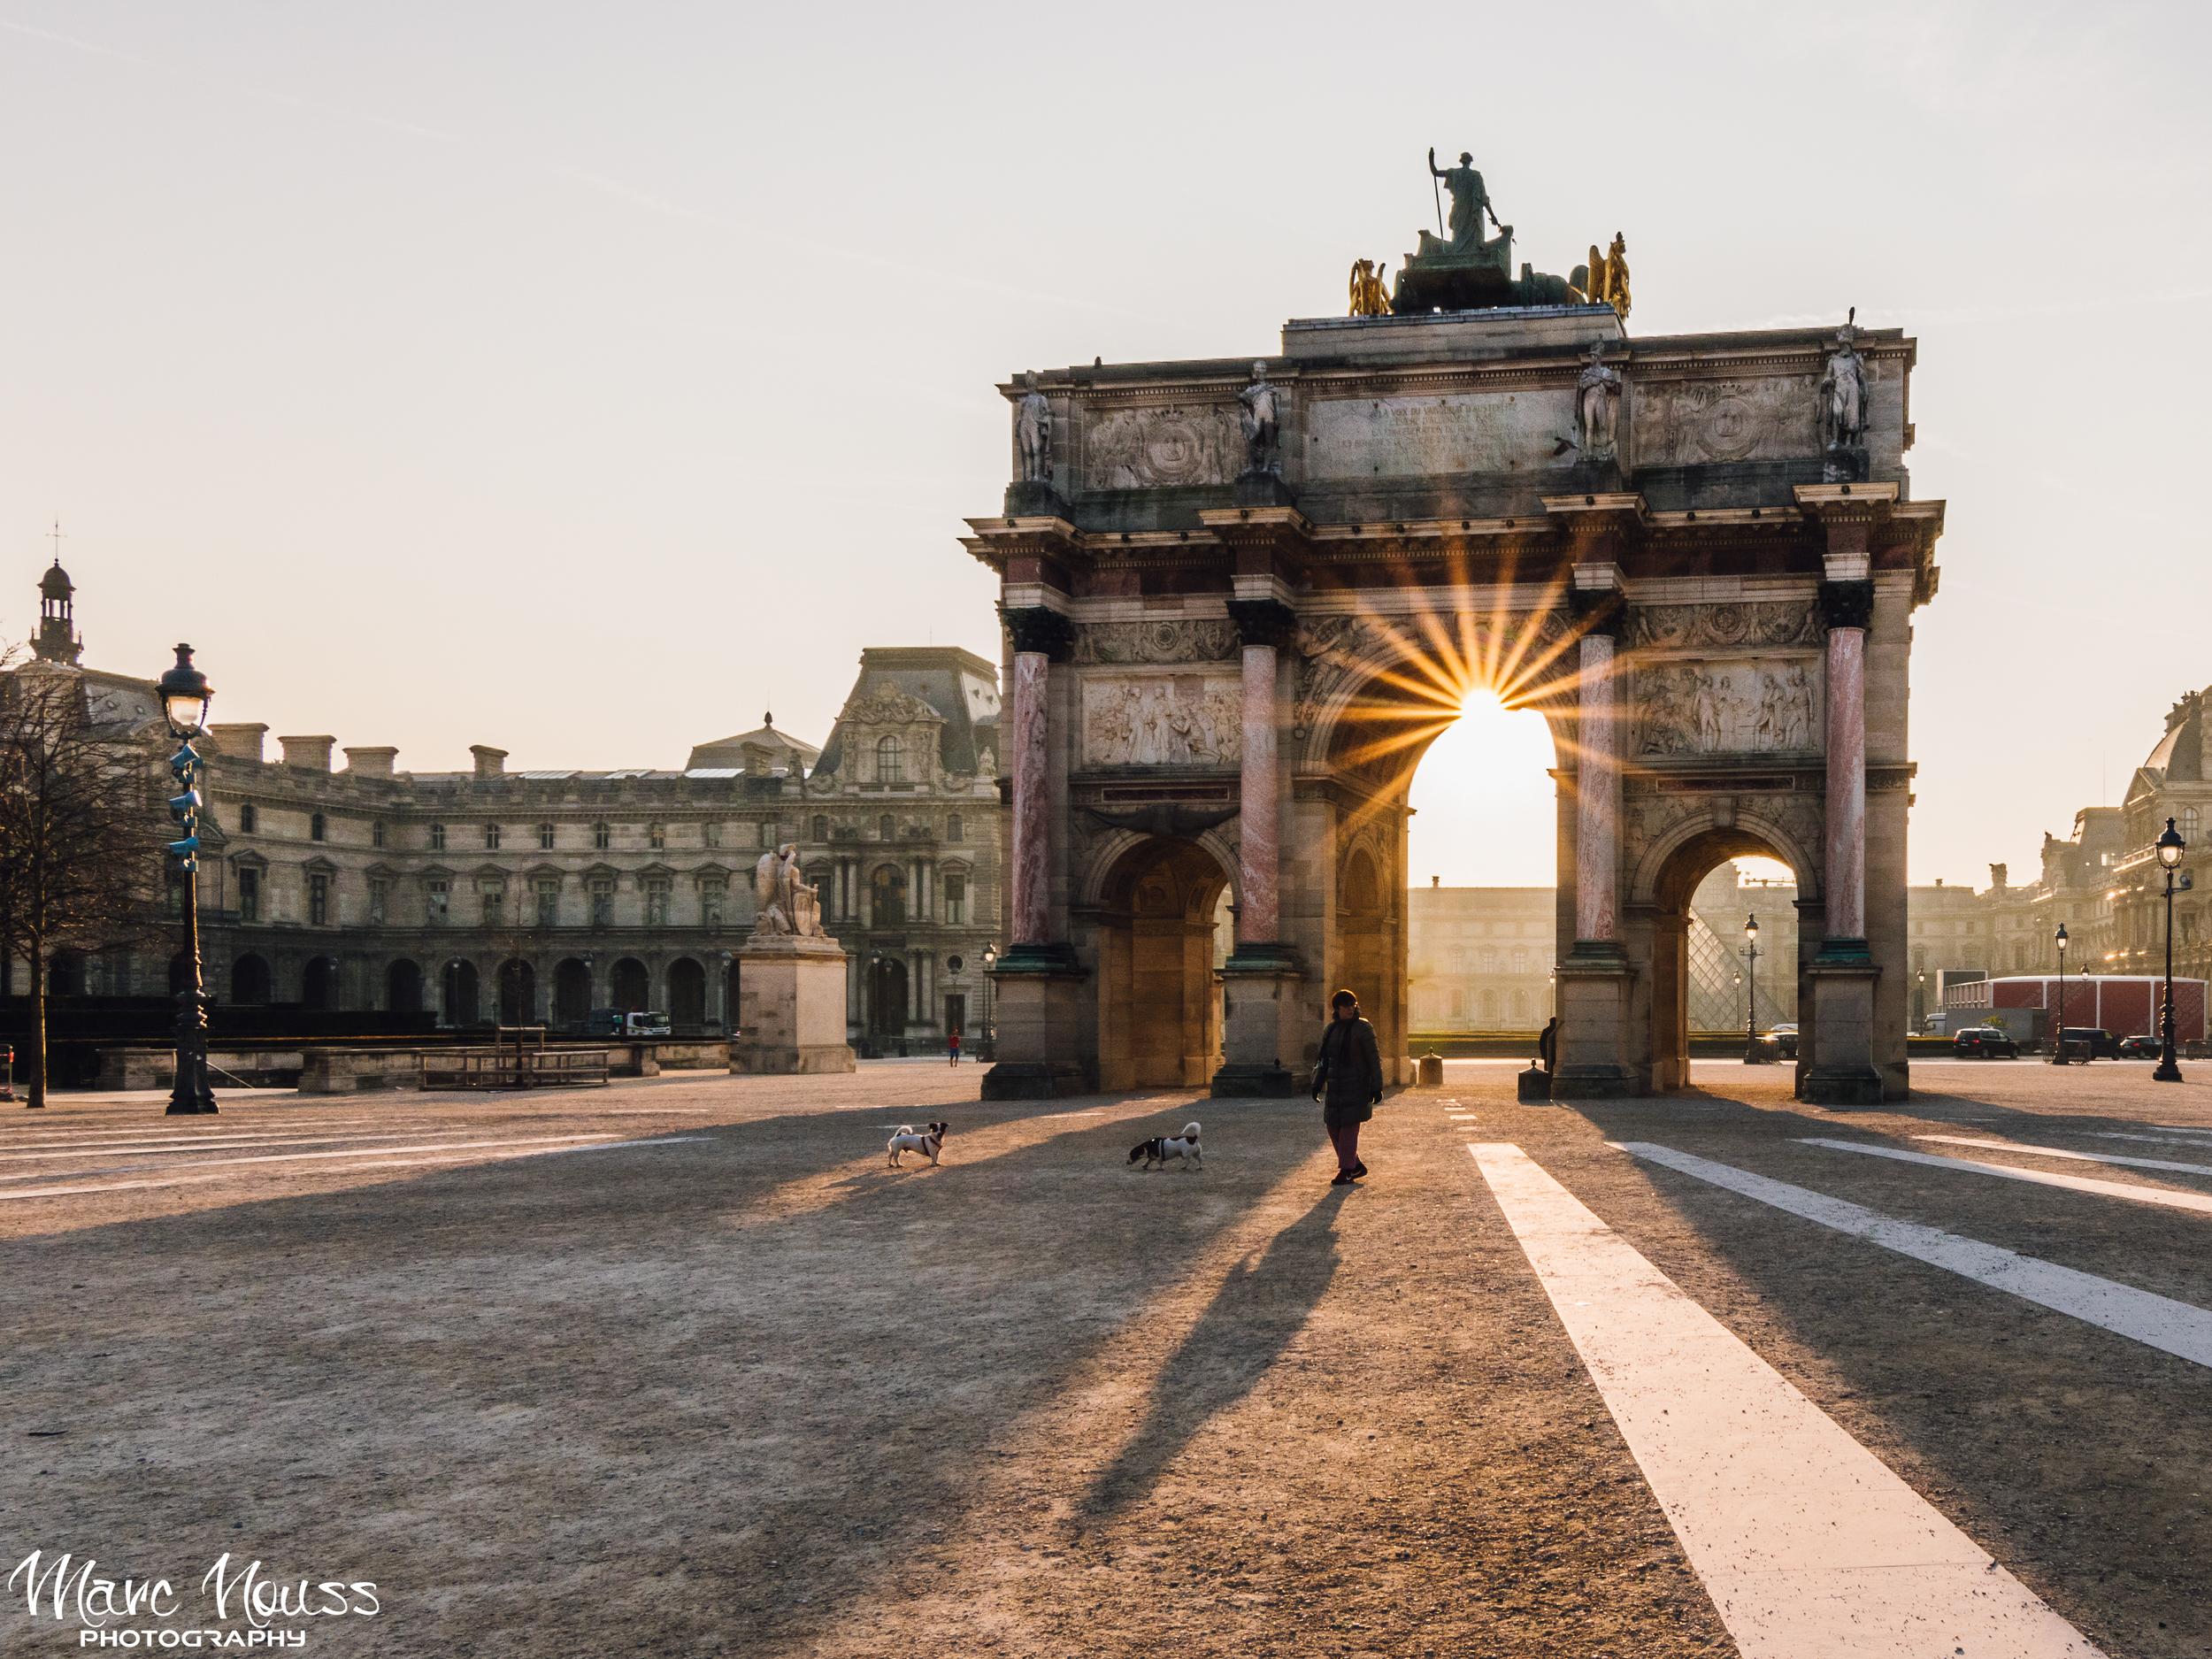 Morning Lights at Carrousel du Louvre